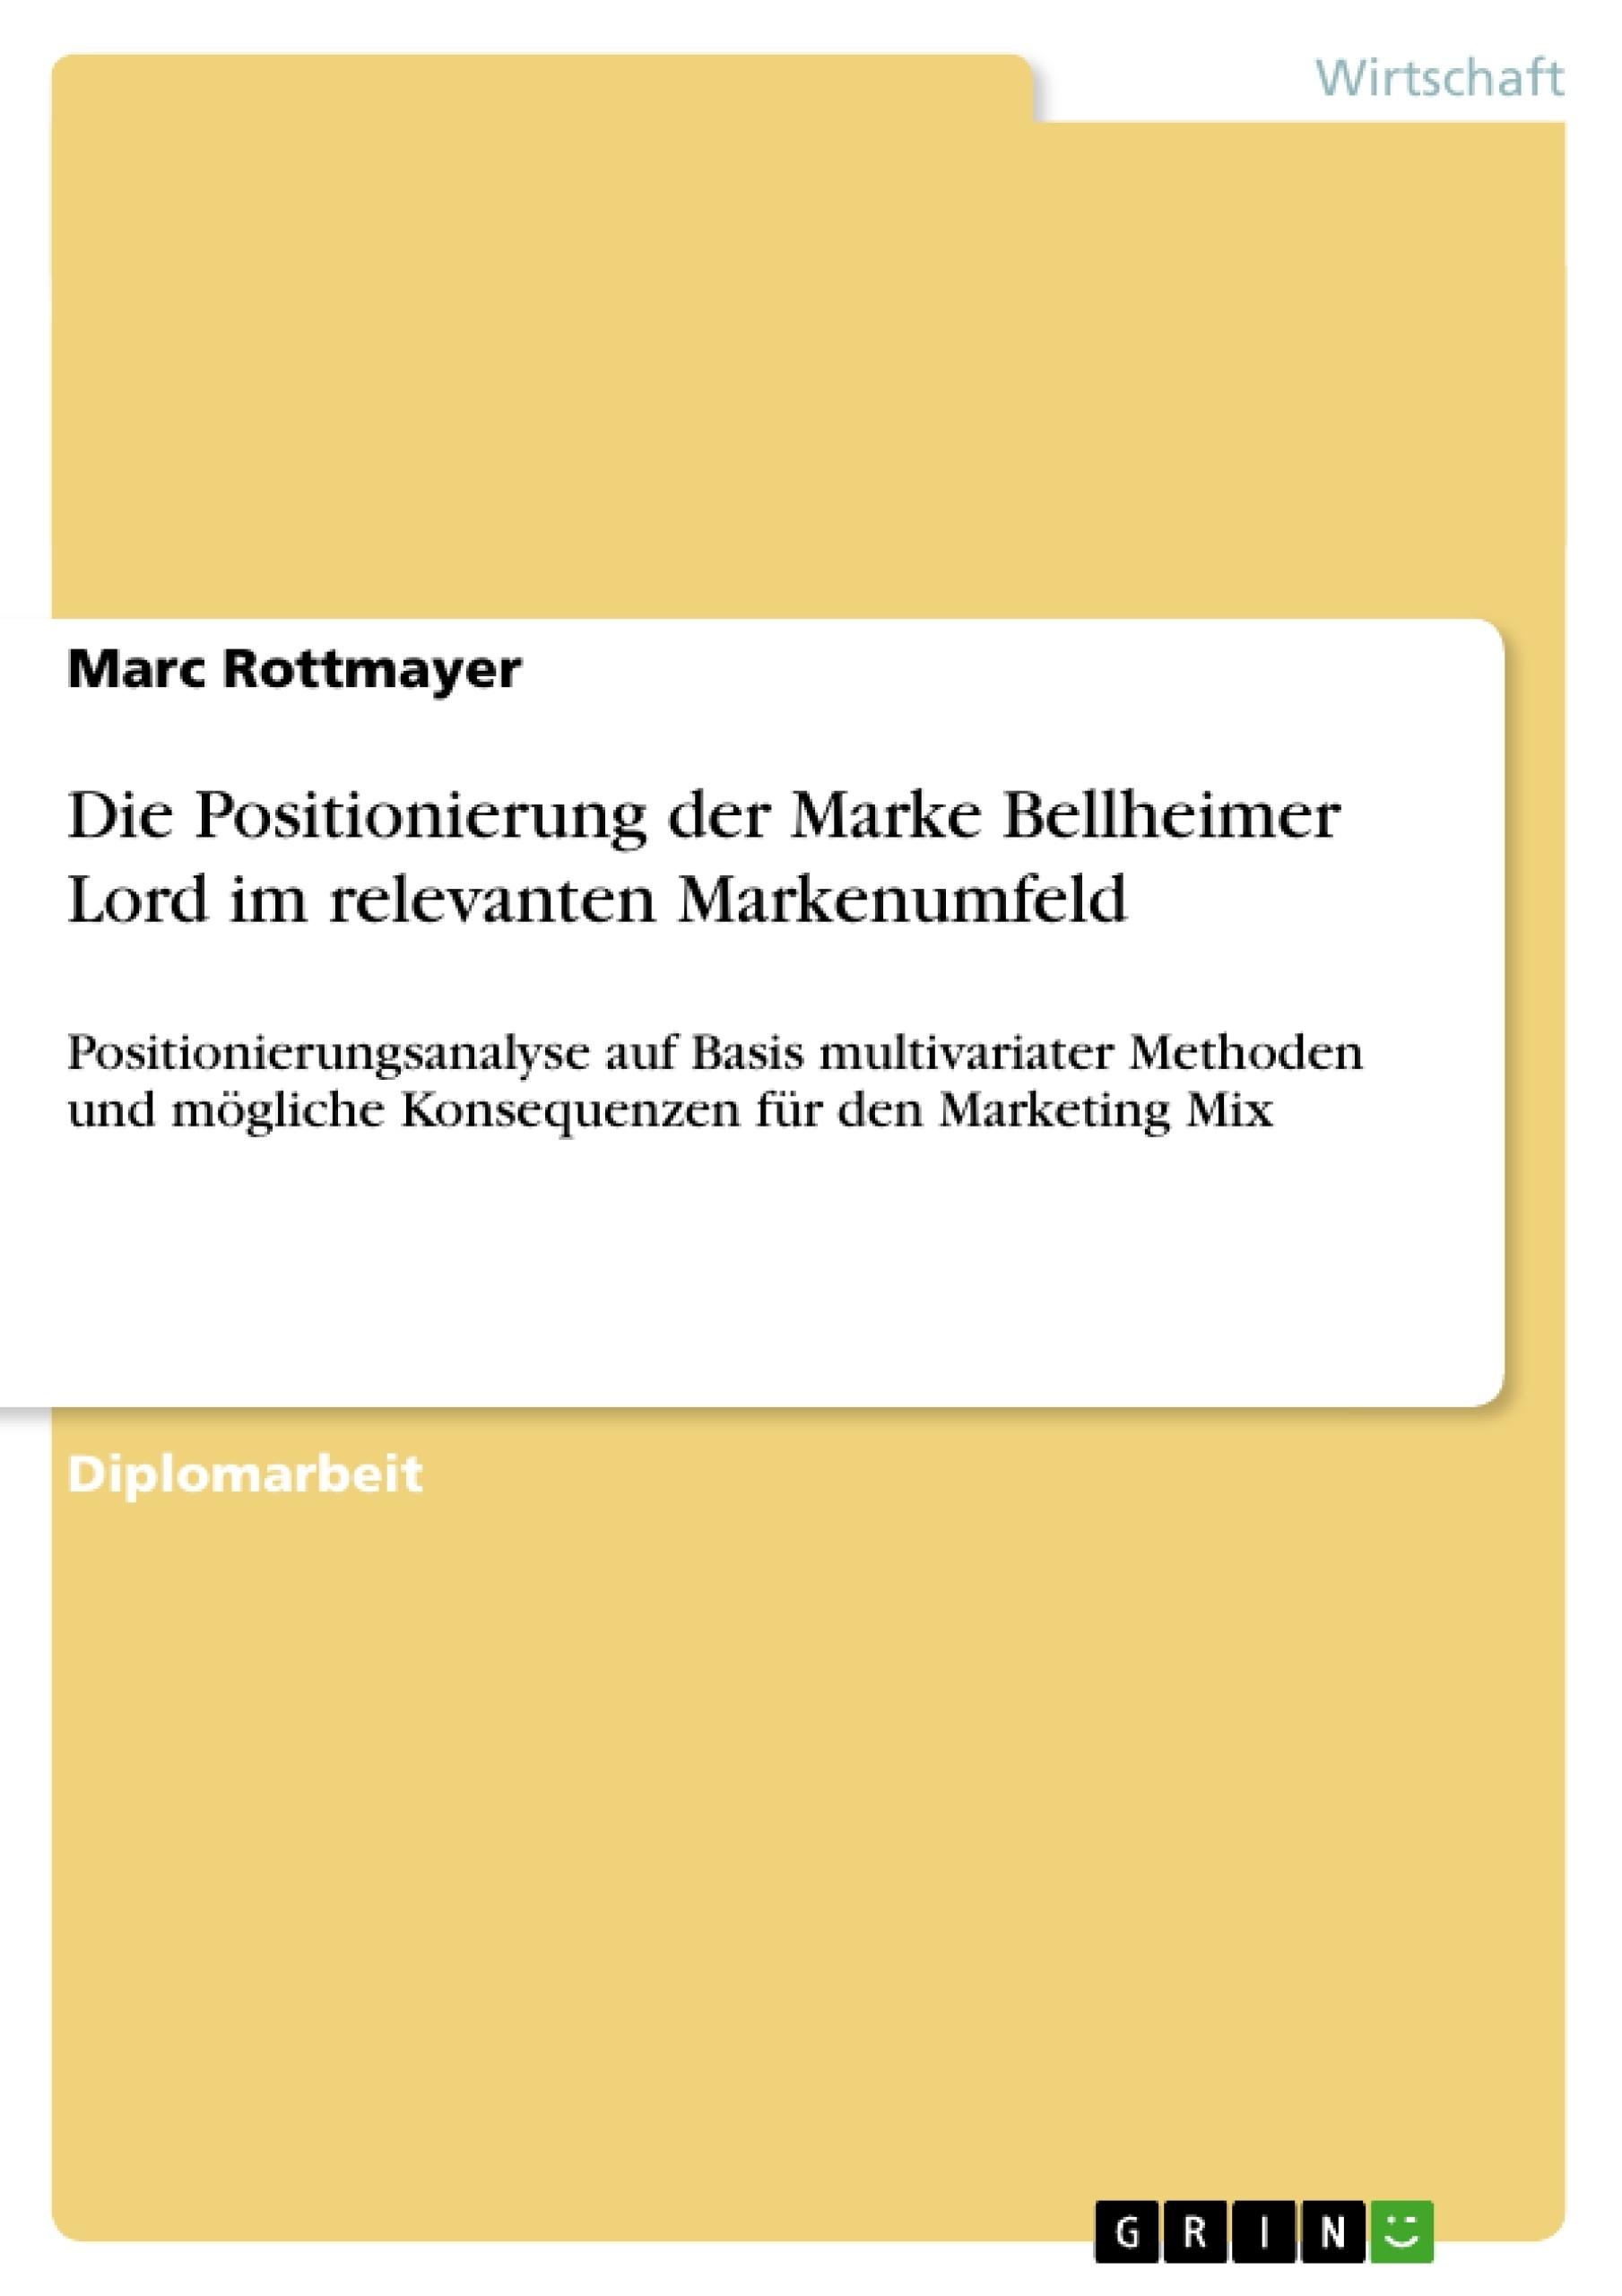 Titel: Die Positionierung der Marke Bellheimer Lord im relevanten Markenumfeld